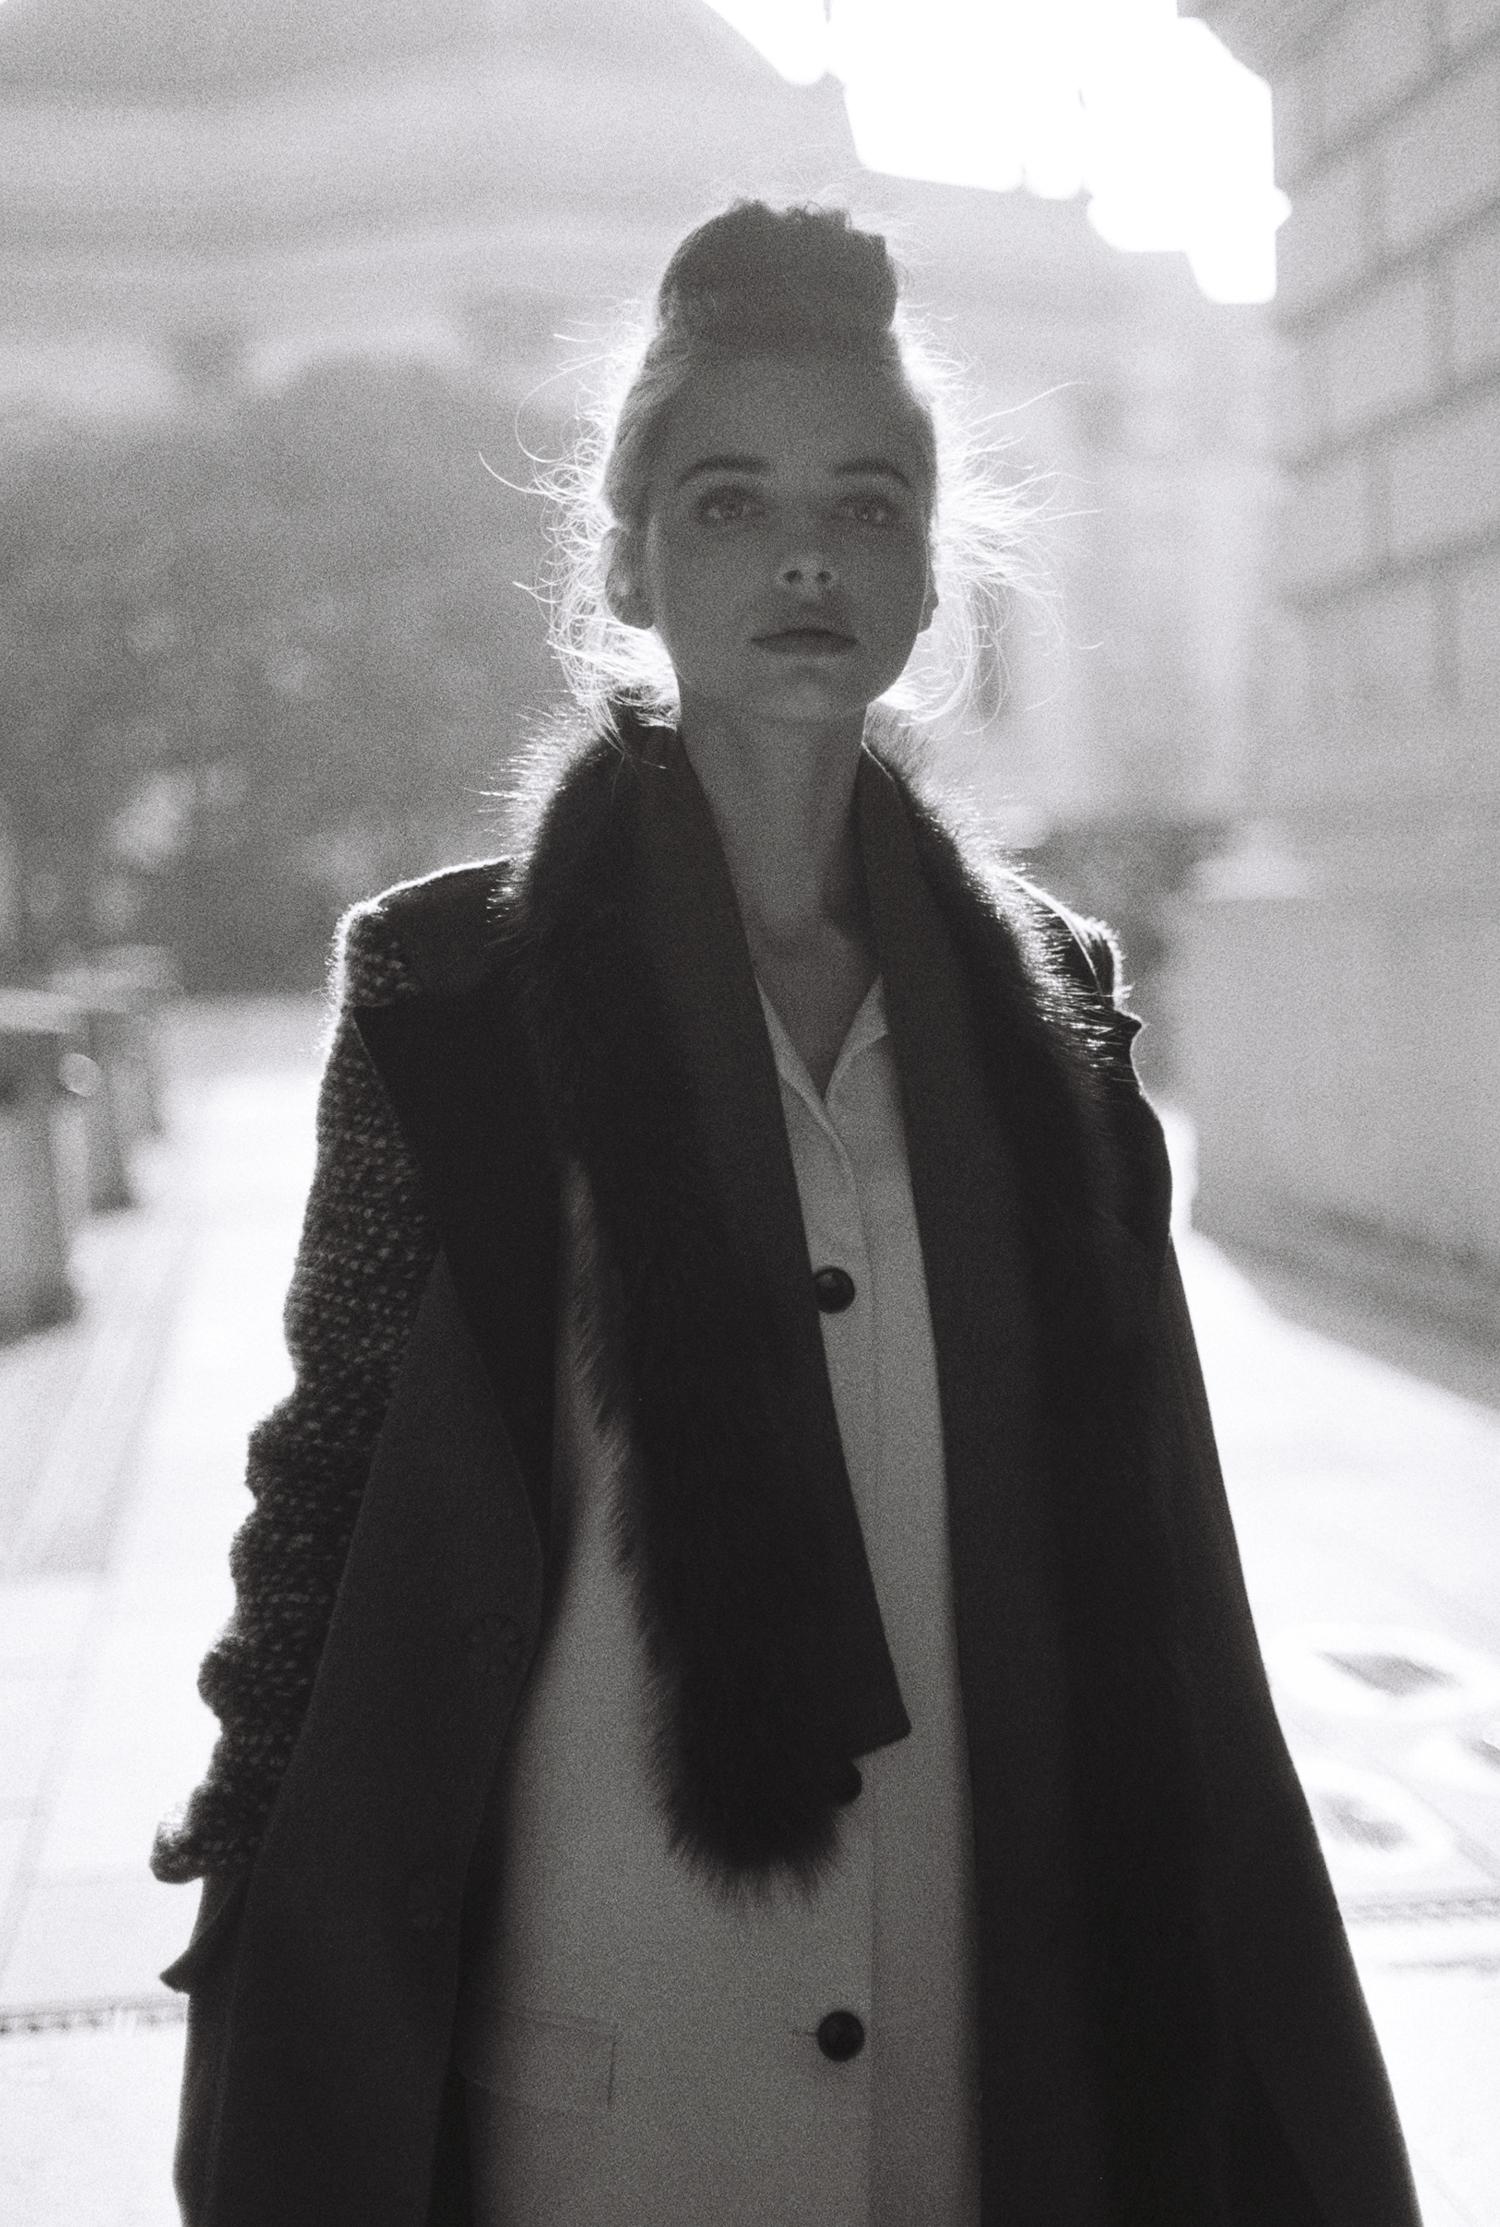 luxury winter fashion campaign